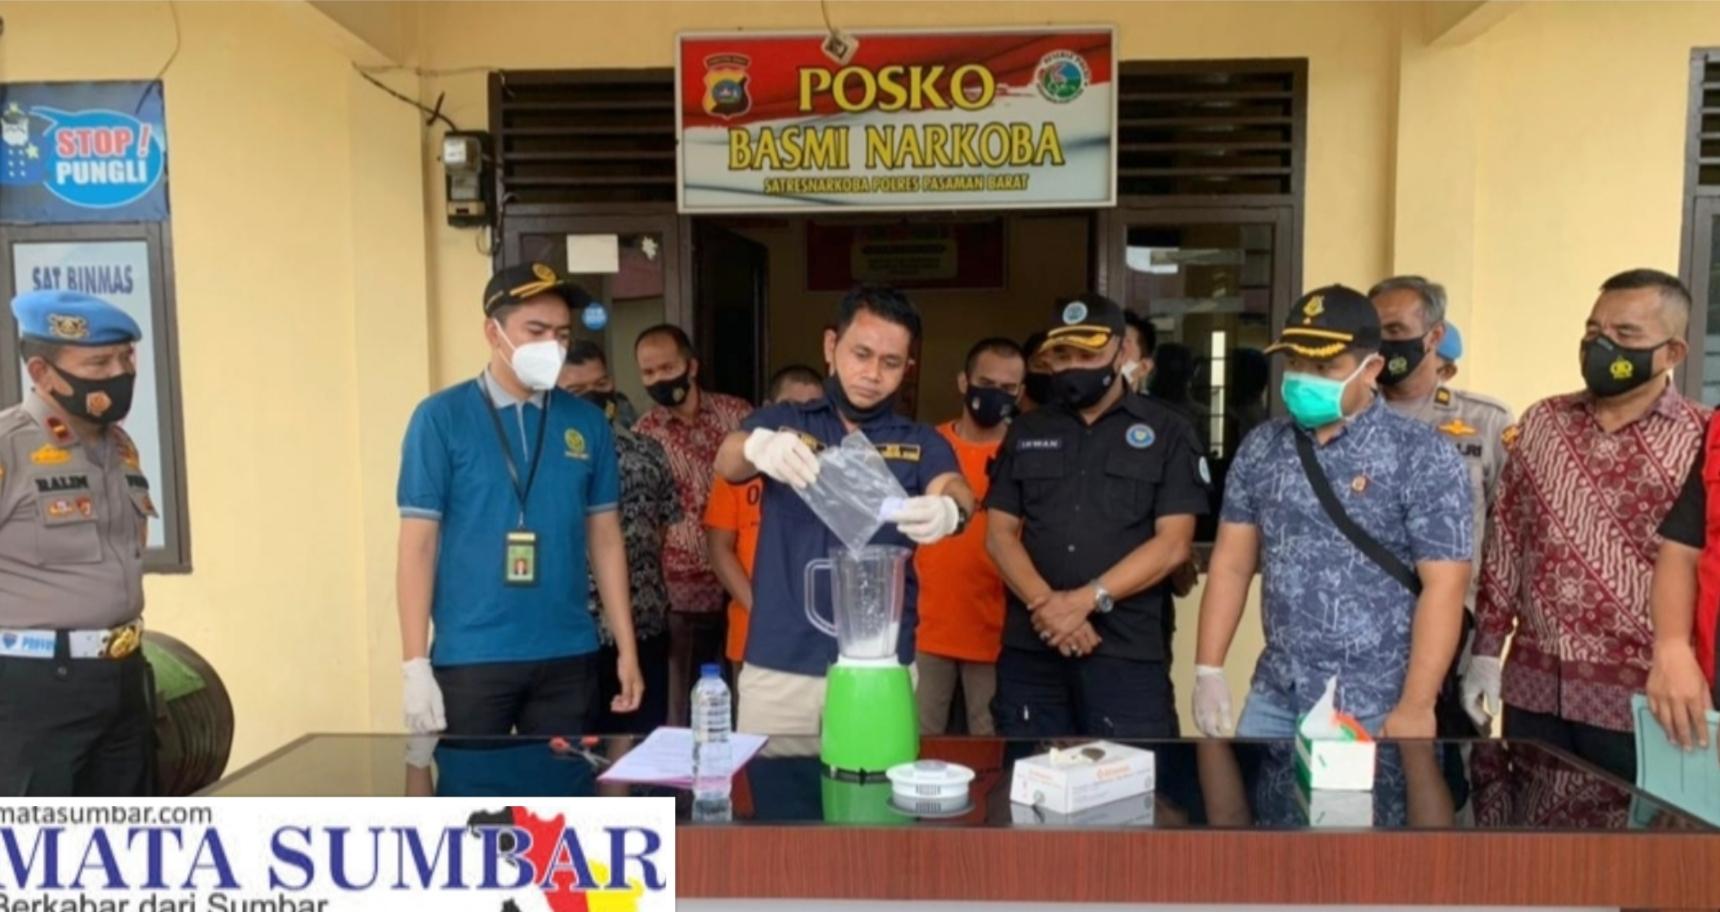 Polres Pasbar Musnahkan Barang Bukti Narkotika Jenis Sabu Seberat 133,43 Gram